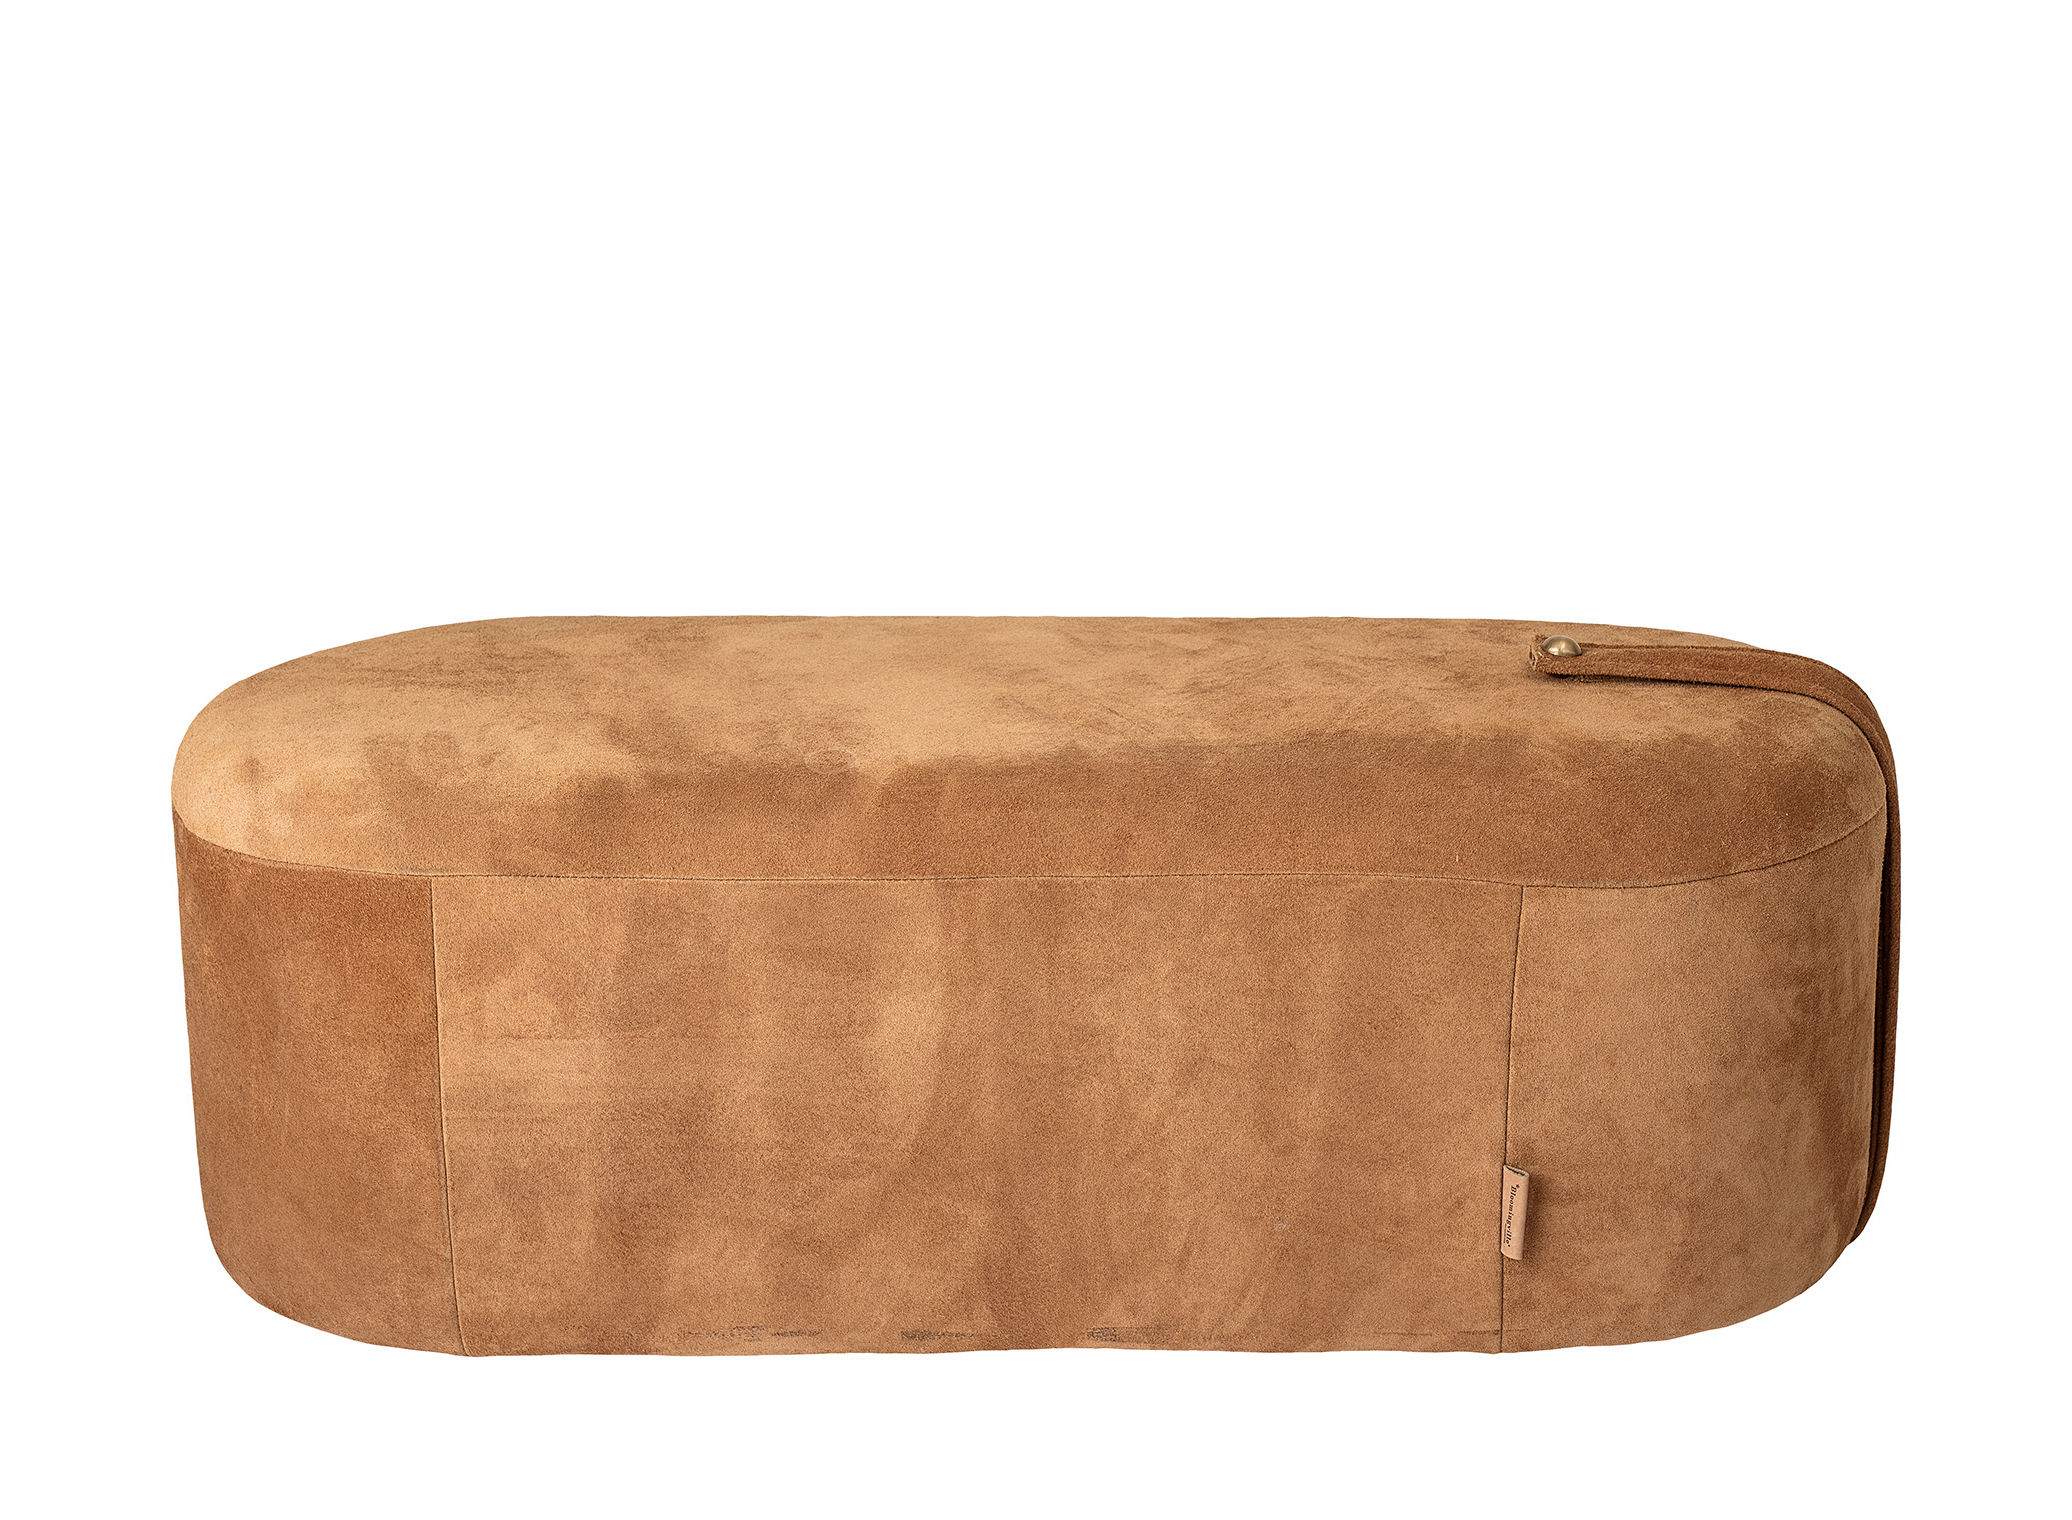 Mobilier - Poufs - Pouf Time / Cuir - L 100 x H 35 cm - Bloomingville - Cognac - 100% cuir suédé